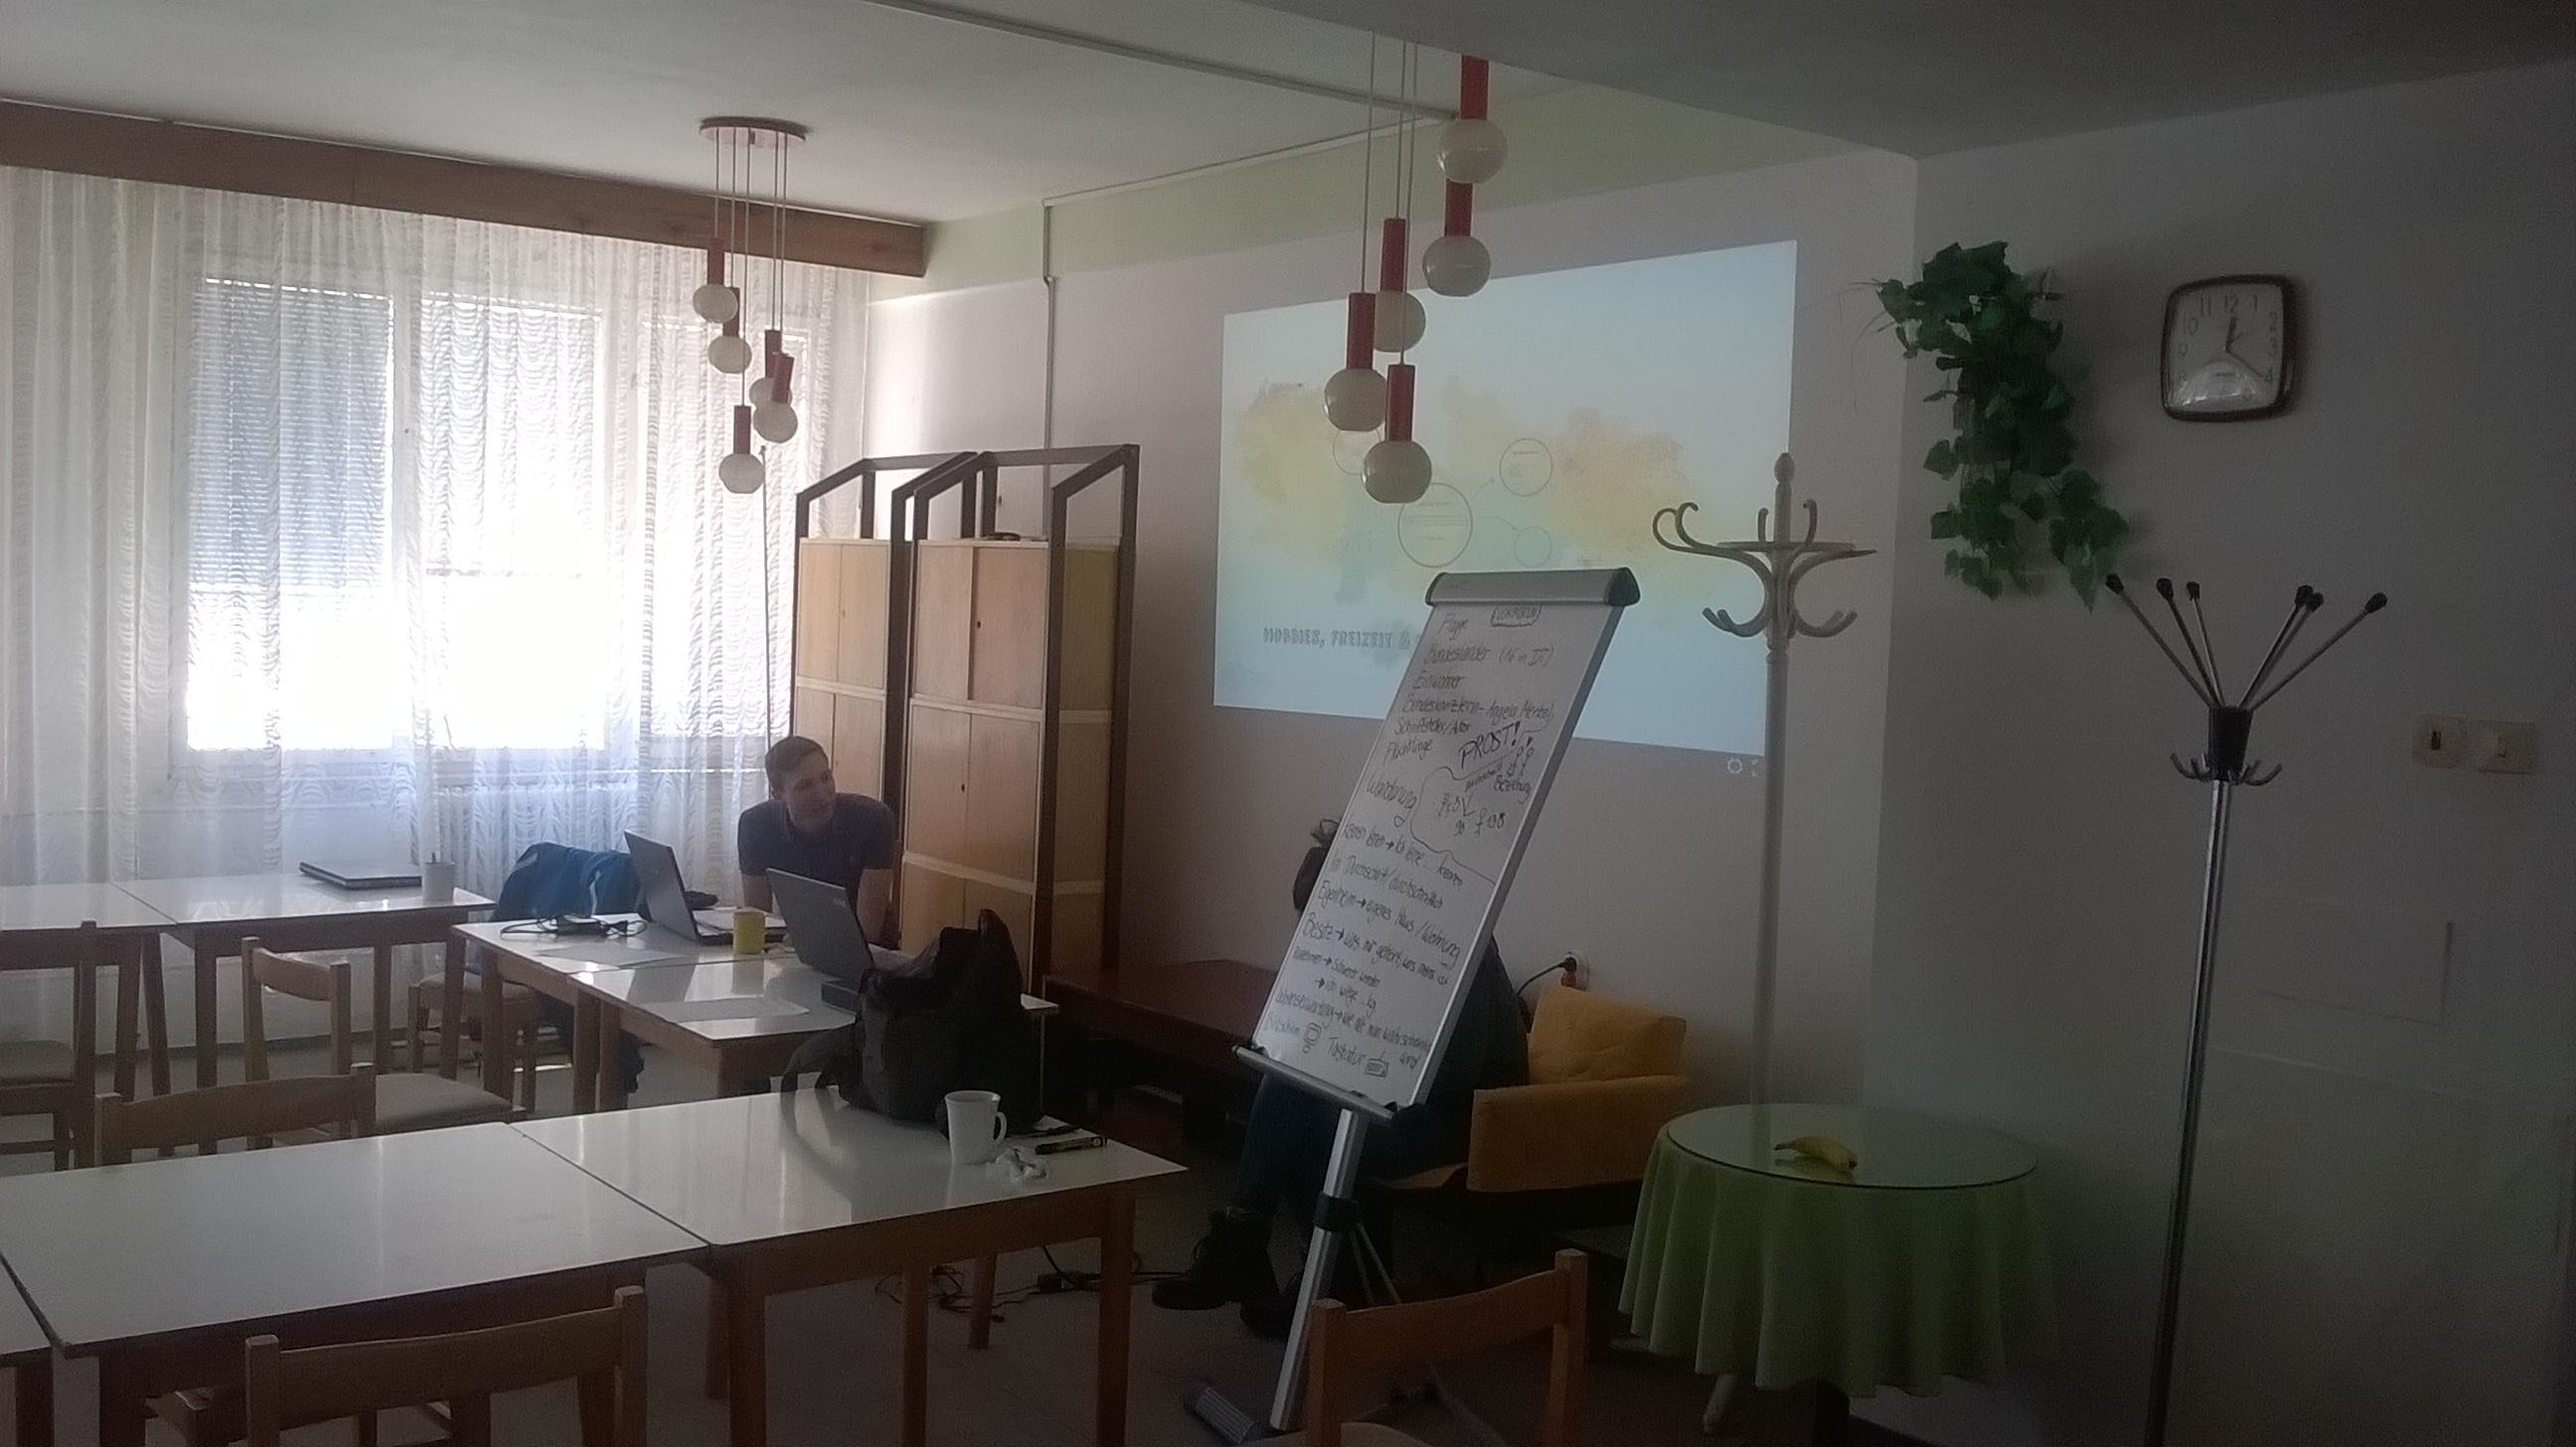 Unser Klassenzimmer beim einwöchigen Deutschkurs